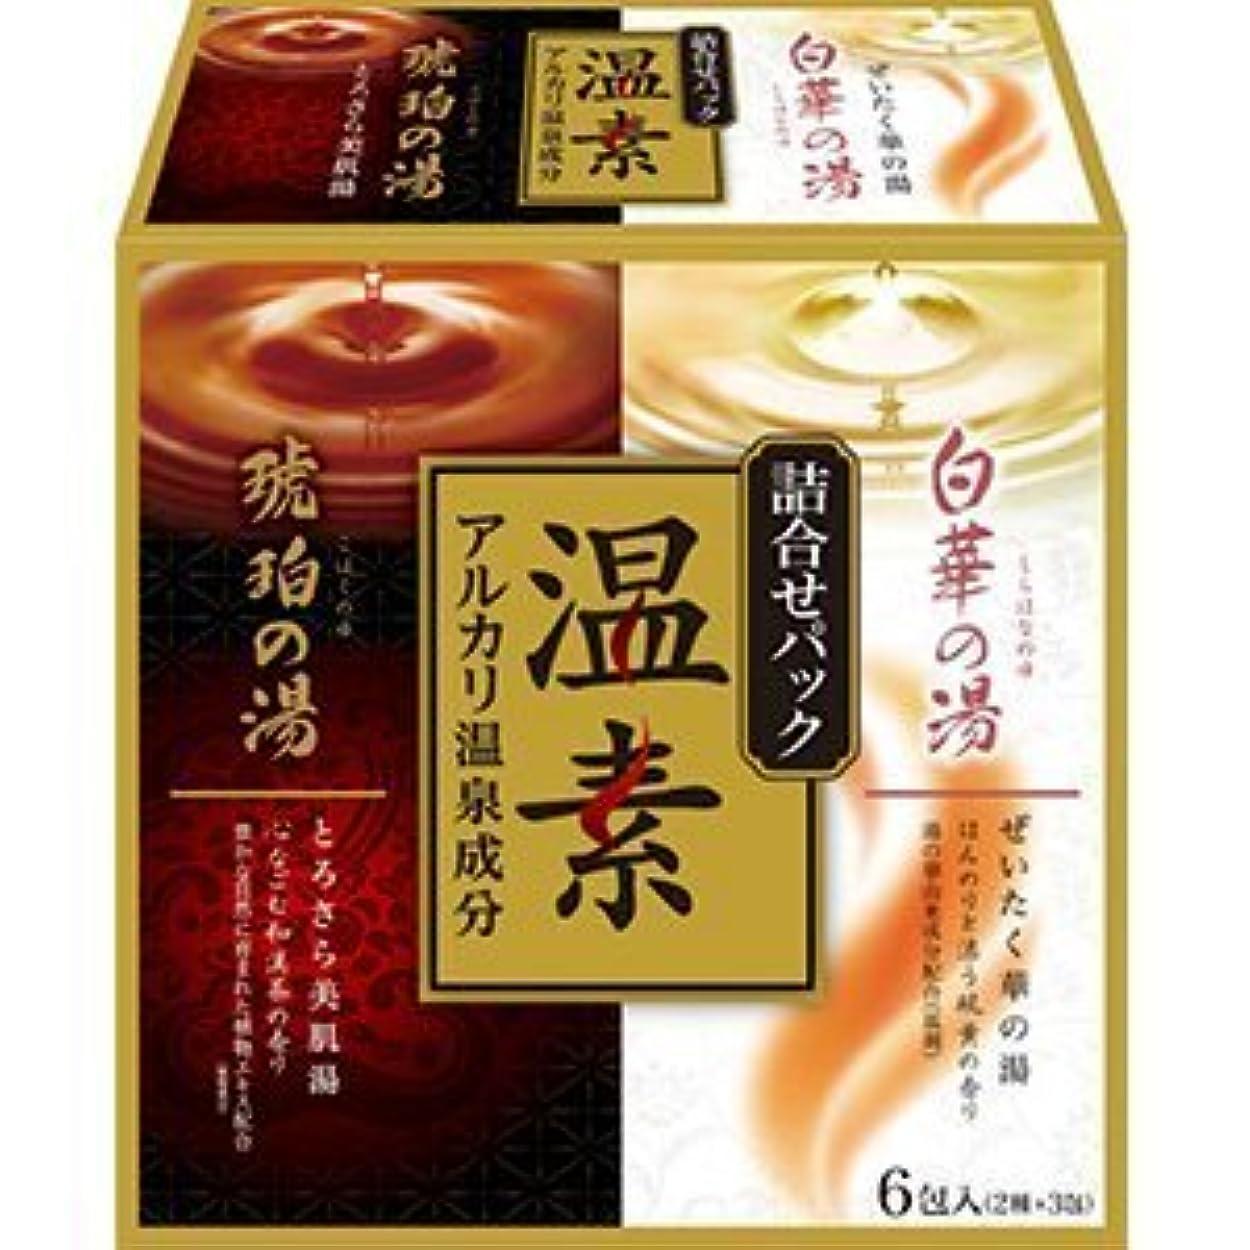 ミシン目敬意ワンダー温素 琥珀の湯&白華の湯 詰合せパック × 5個セット